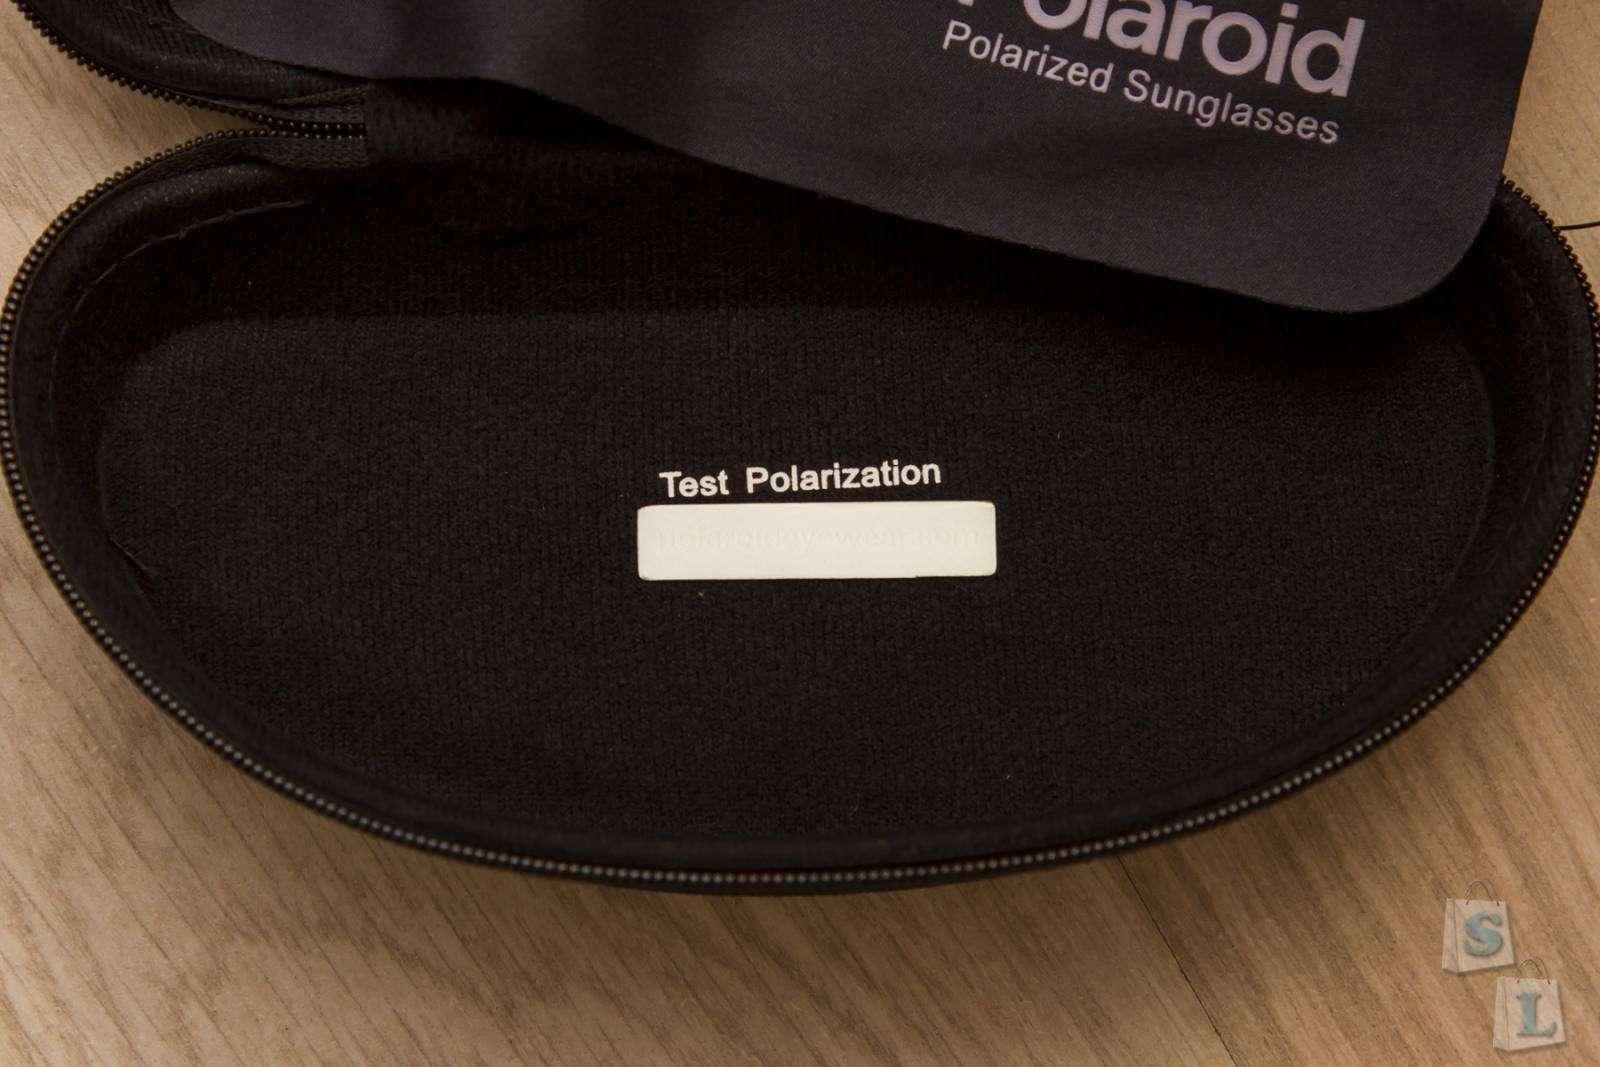 Другие - Украина: Поляризационные солнцезащитные очки POLAROID P4325 KIH62Y2 по акции в Люксоптике